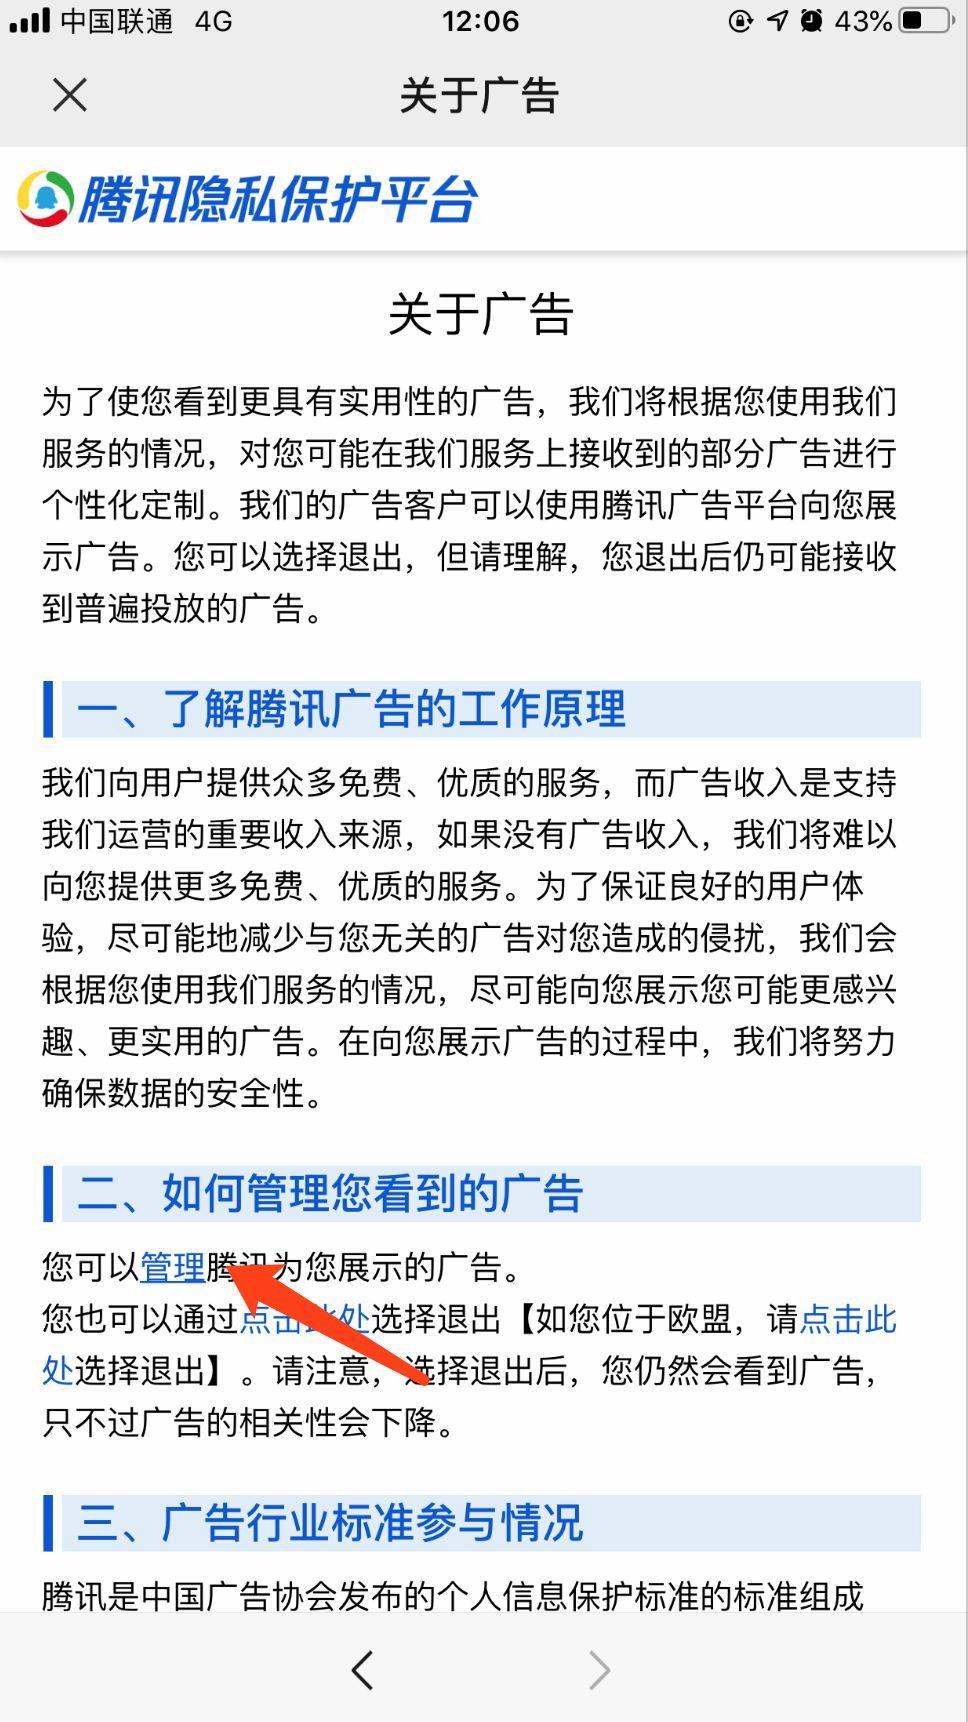 Moments hack wechat WeChat Archiving